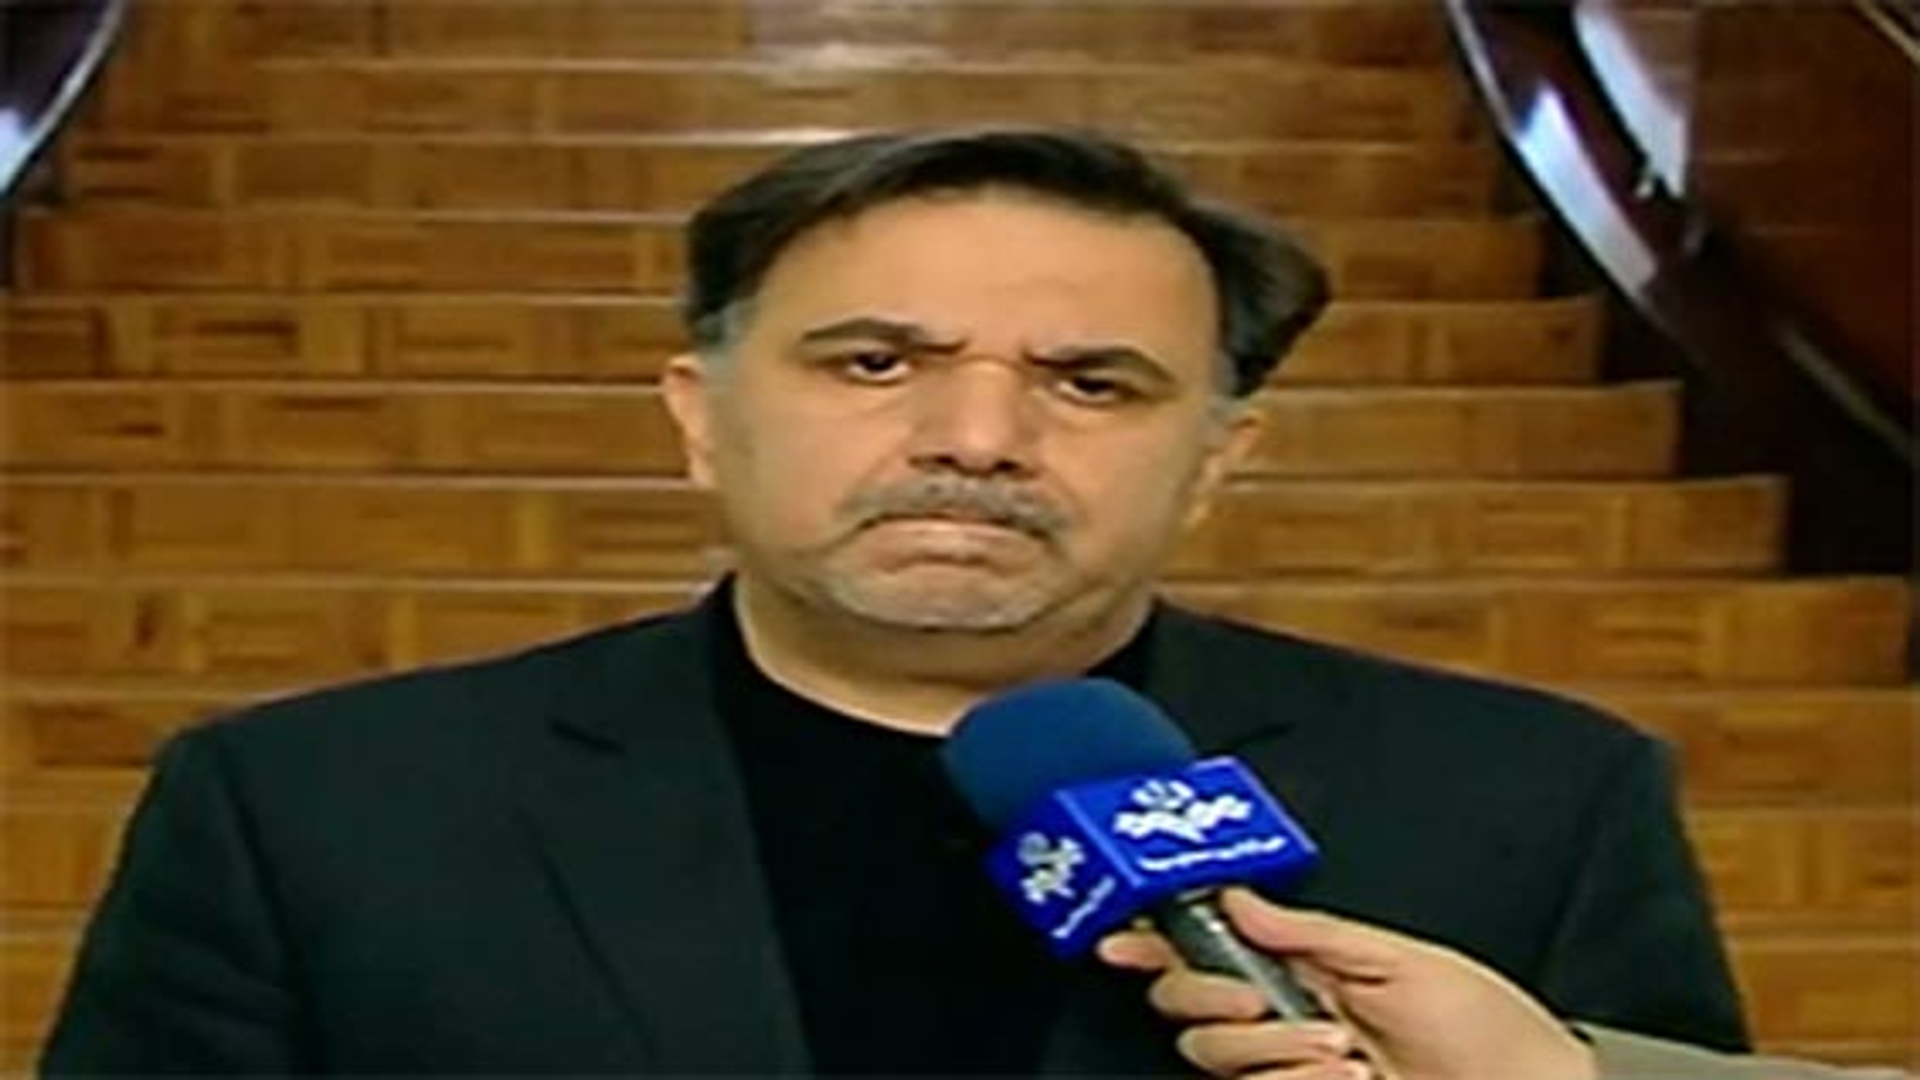 بغض وزیر راه در آنتن زنده تلویزیون هنگام تسلیت برای حادثه غم انگیز برخورد دو قطار | فیلم